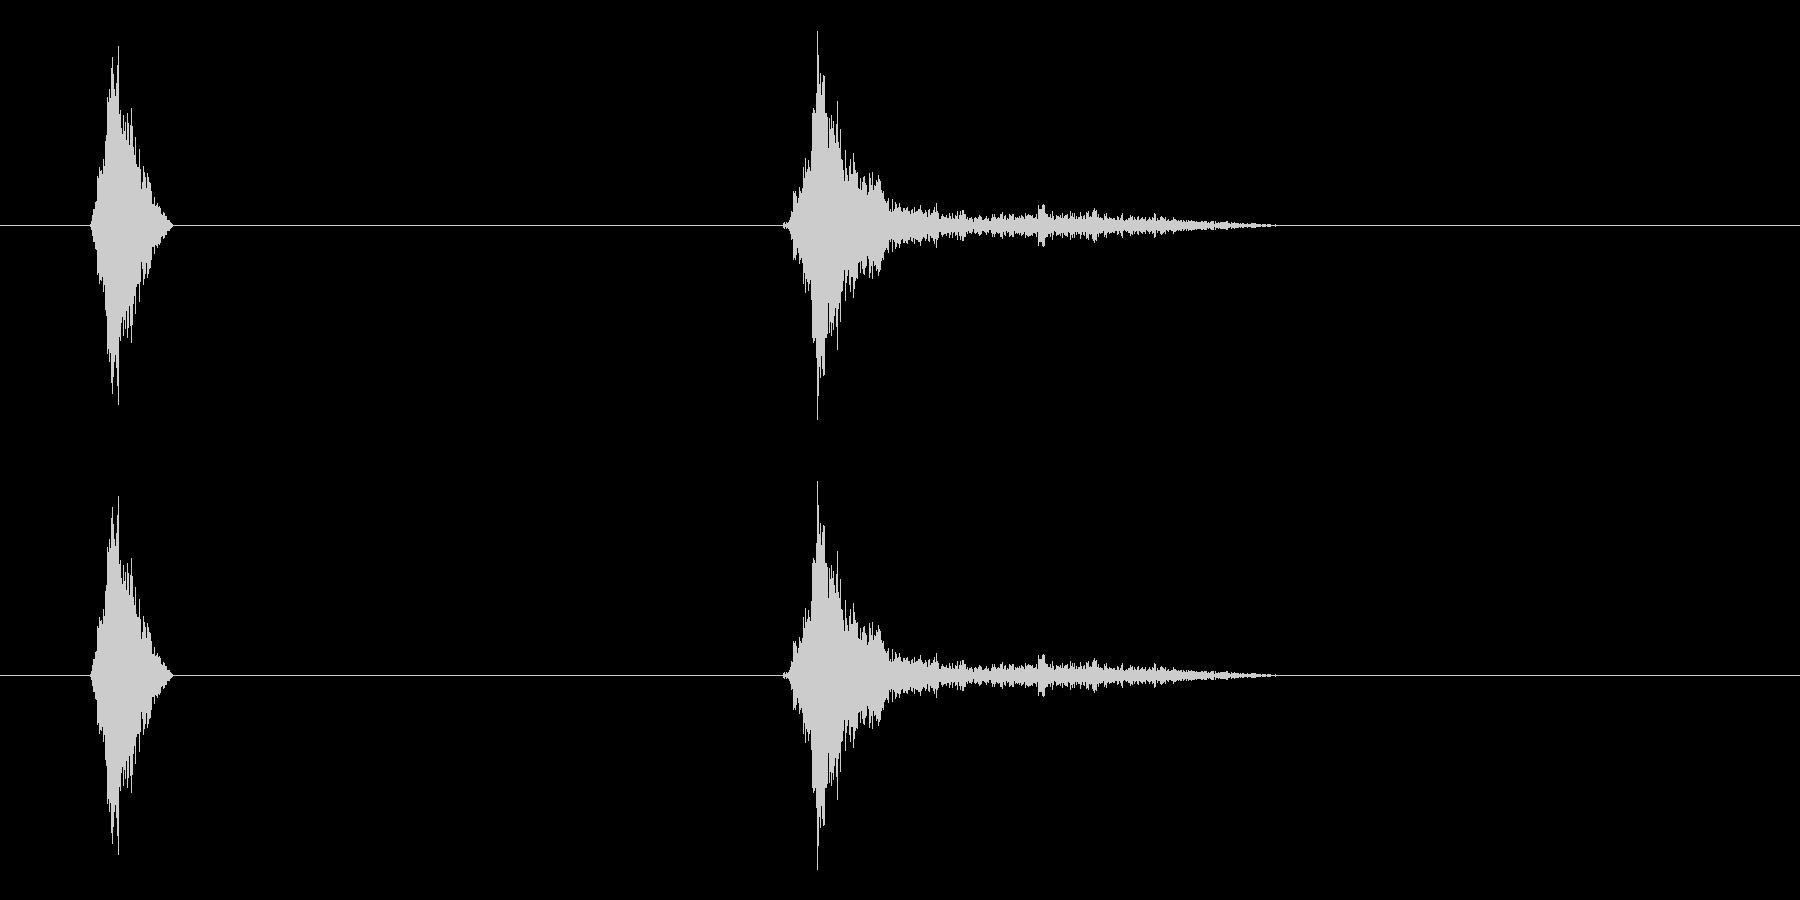 リップ2の未再生の波形